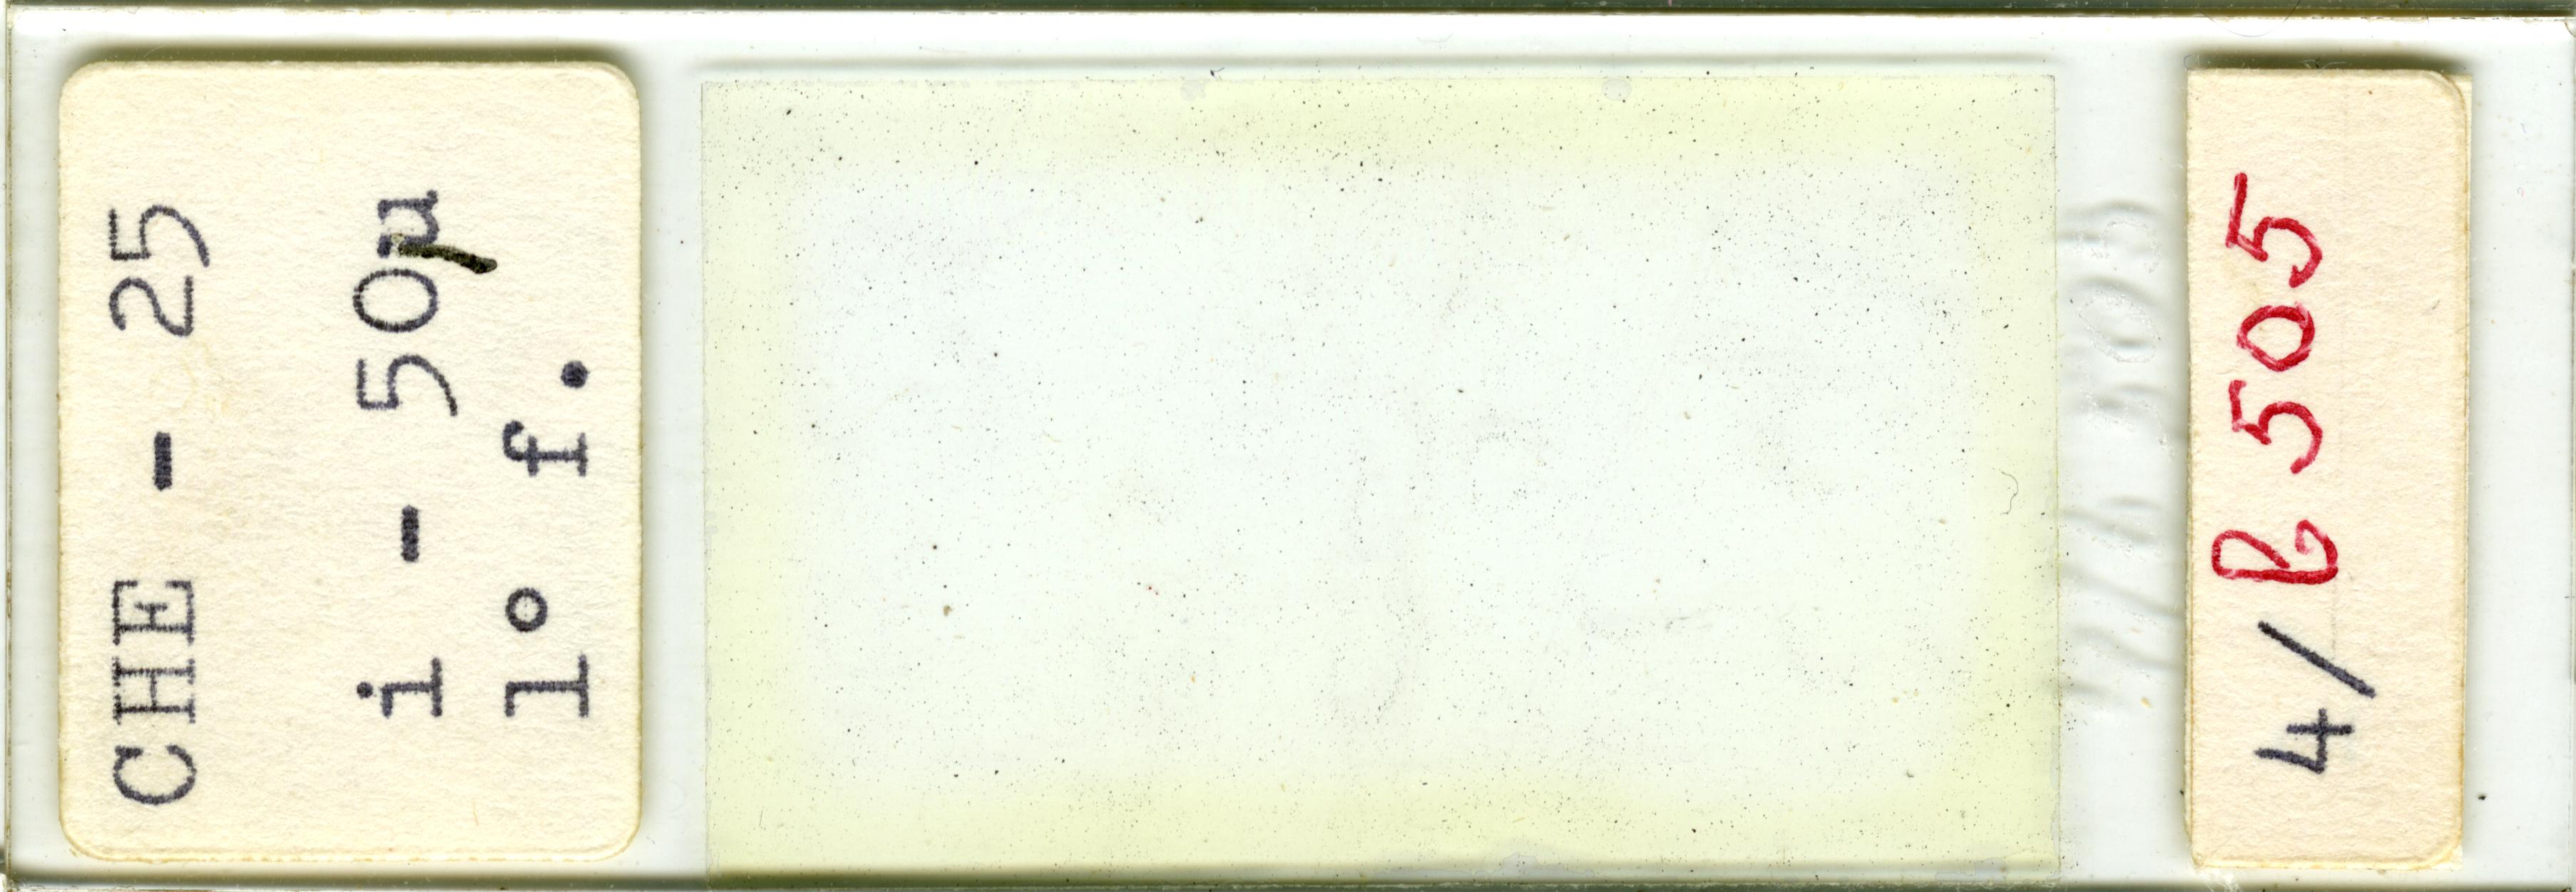 Lame n°CHE - 25 i - 50µ 1° f. 4/b 505